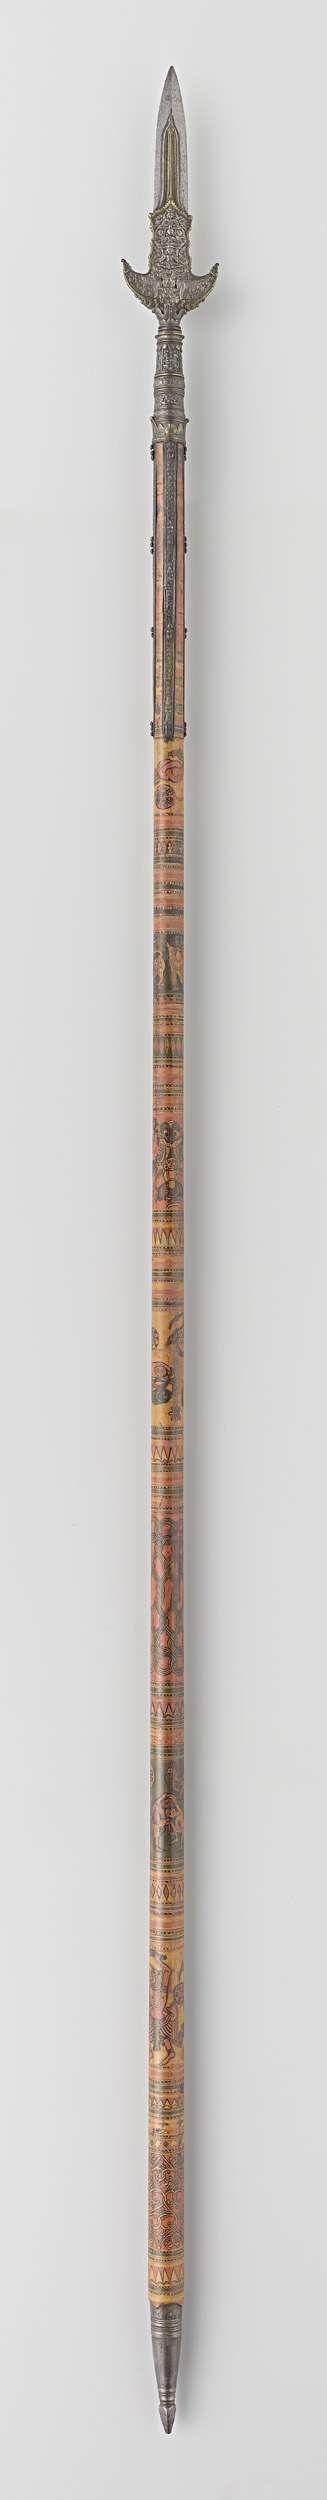 | Partizaan van het wapenrek door Indische groten geschonken aan Gouverneur-Generaal J.C. baron Baud, c. 1700 - c. 1800 | Ronde houten schacht beschilderd in zwart, rood, geel en groen met voorstellingen van Boddhisattva's, menselijke figuren en geometrische motieven. Onderzijde schacht heeft ijzeren kegelvorm met geschulpte rand en toelopend in stompe vierkante punt. Brede kling uitlopend in scherpe punt, met vier lippen. Kling is rijk versierd in reliëf met boddhisattva's en bloem- en…